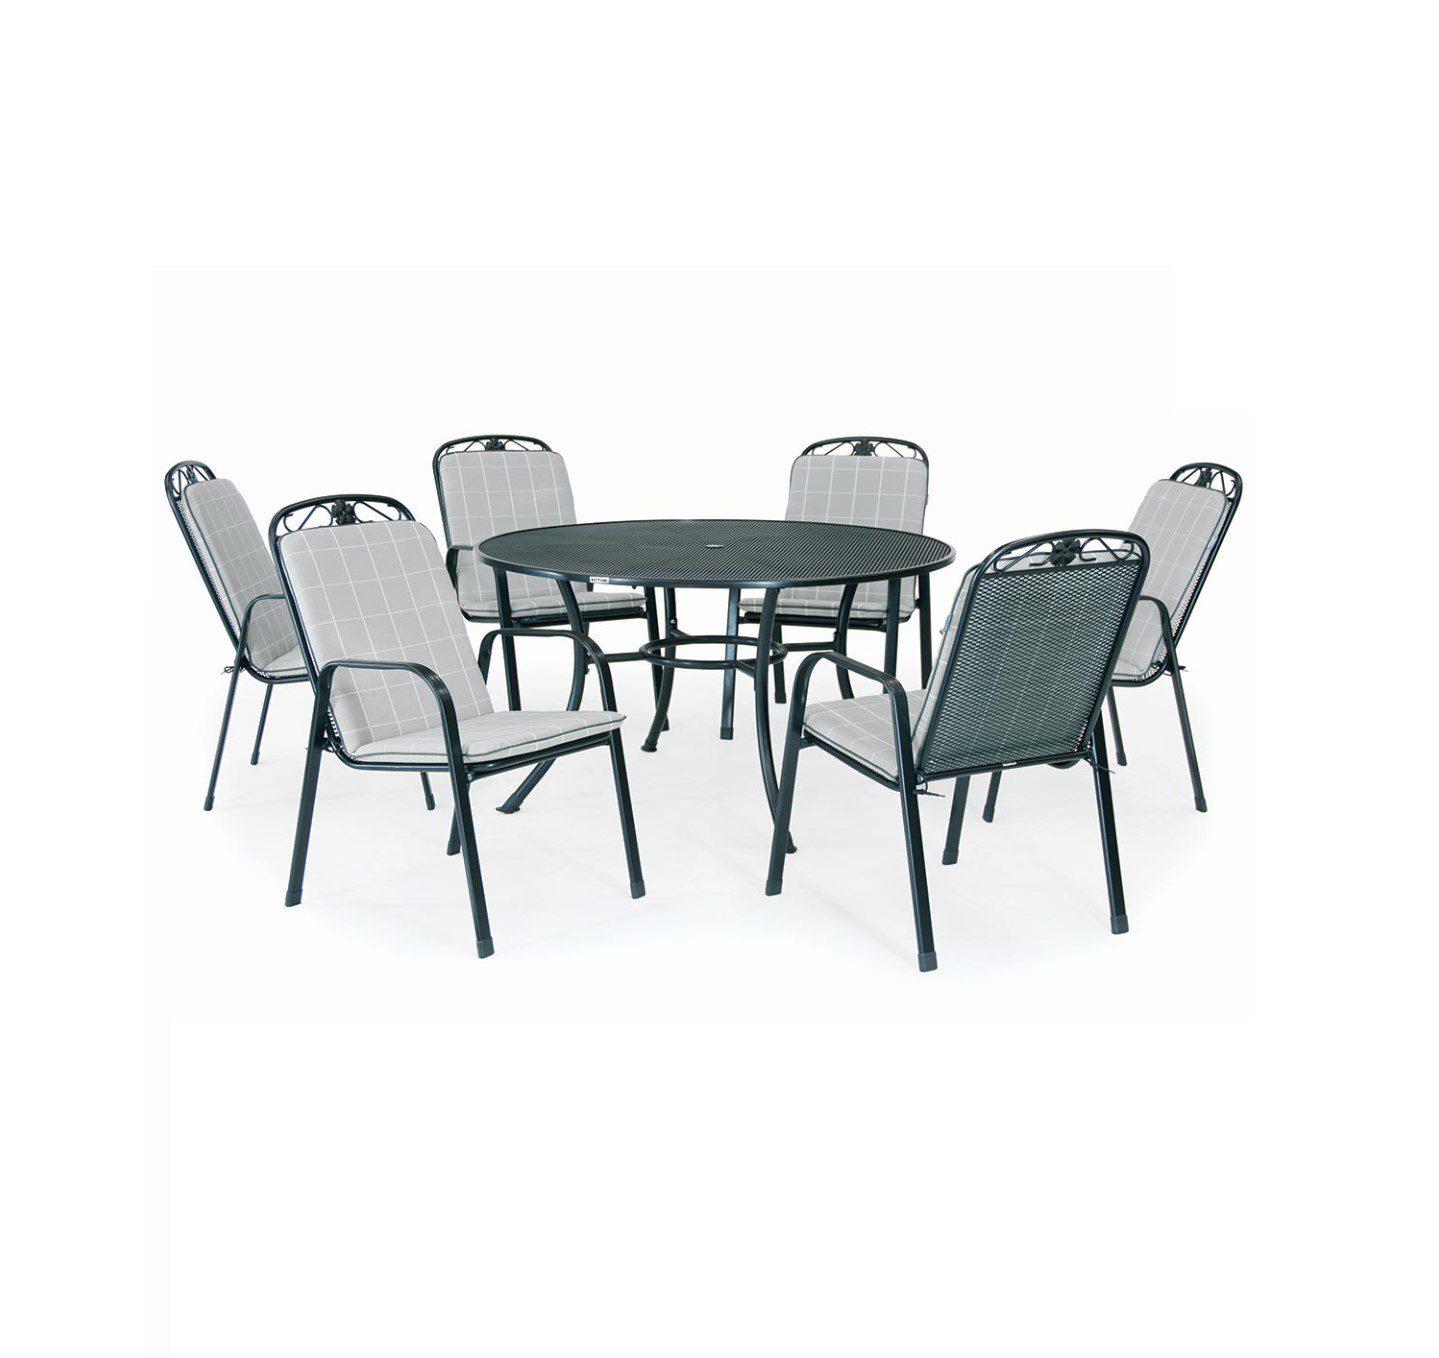 Kettler Siena 6 Seat Dining Set